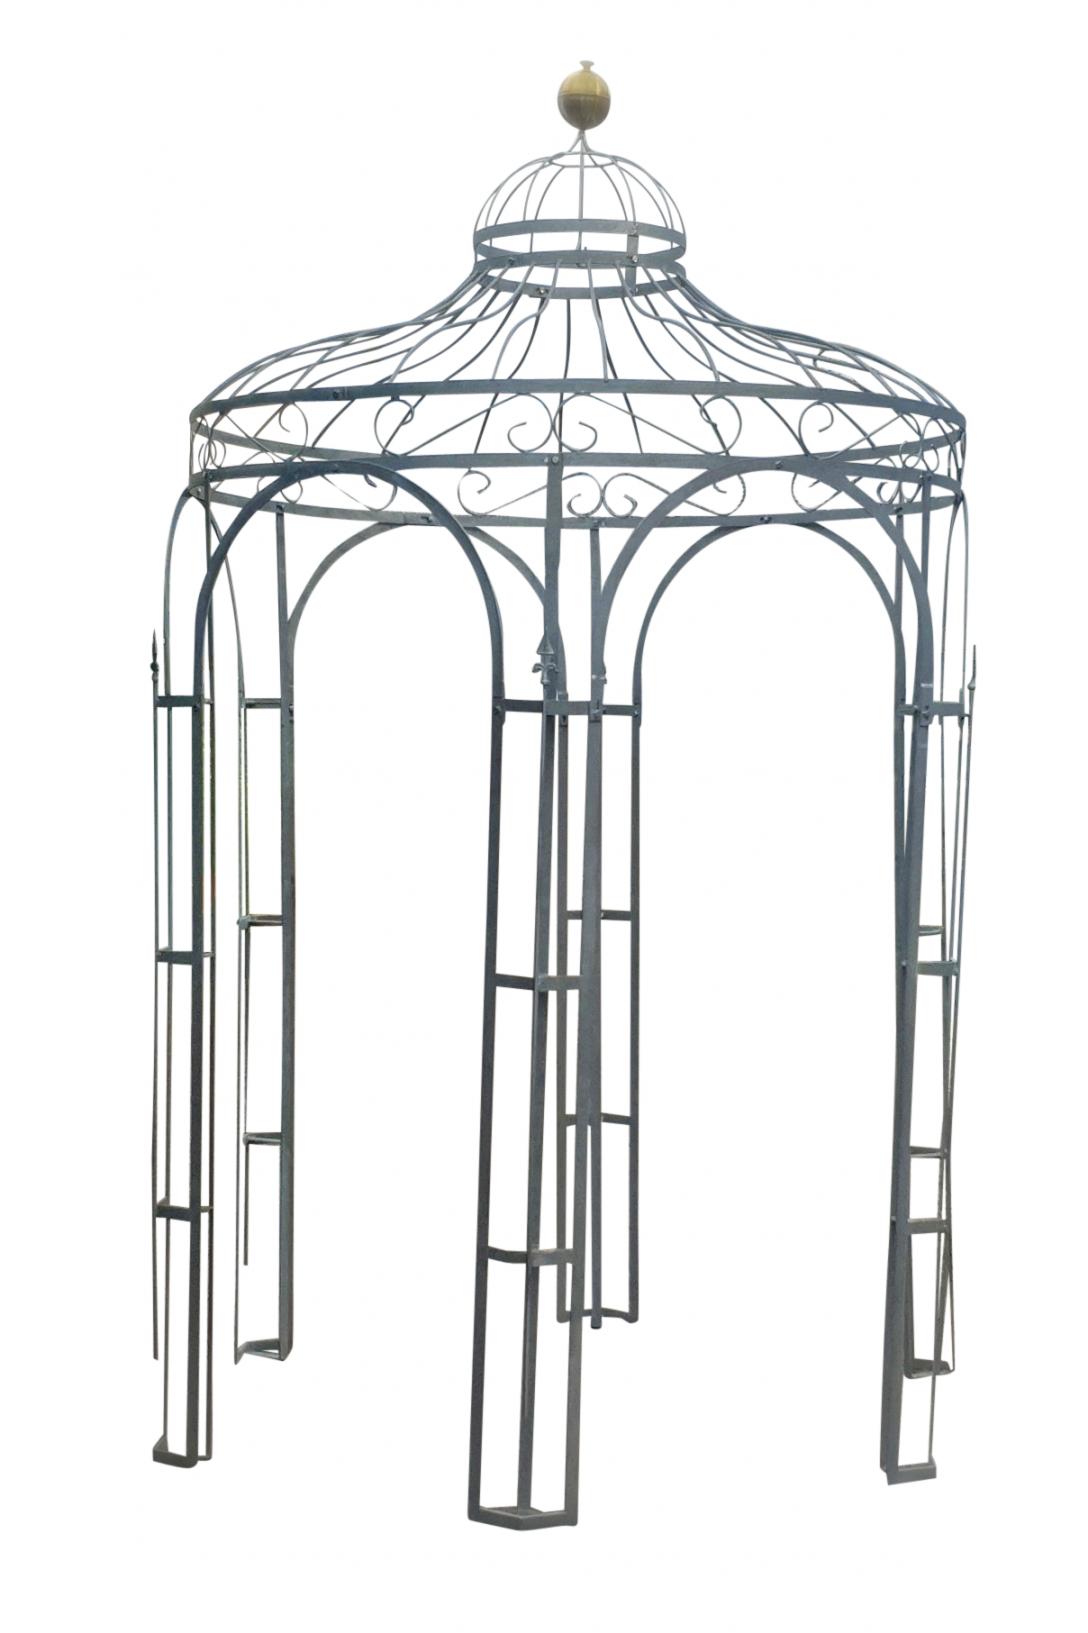 Large Size of Gartenpavillon Metall Glas Wasserdicht Rund 3 X 5 Pavillon Schweiz Toom Baumarkt Eleganz Regale Regal Bett Weiß Wohnzimmer Gartenpavillon Metall